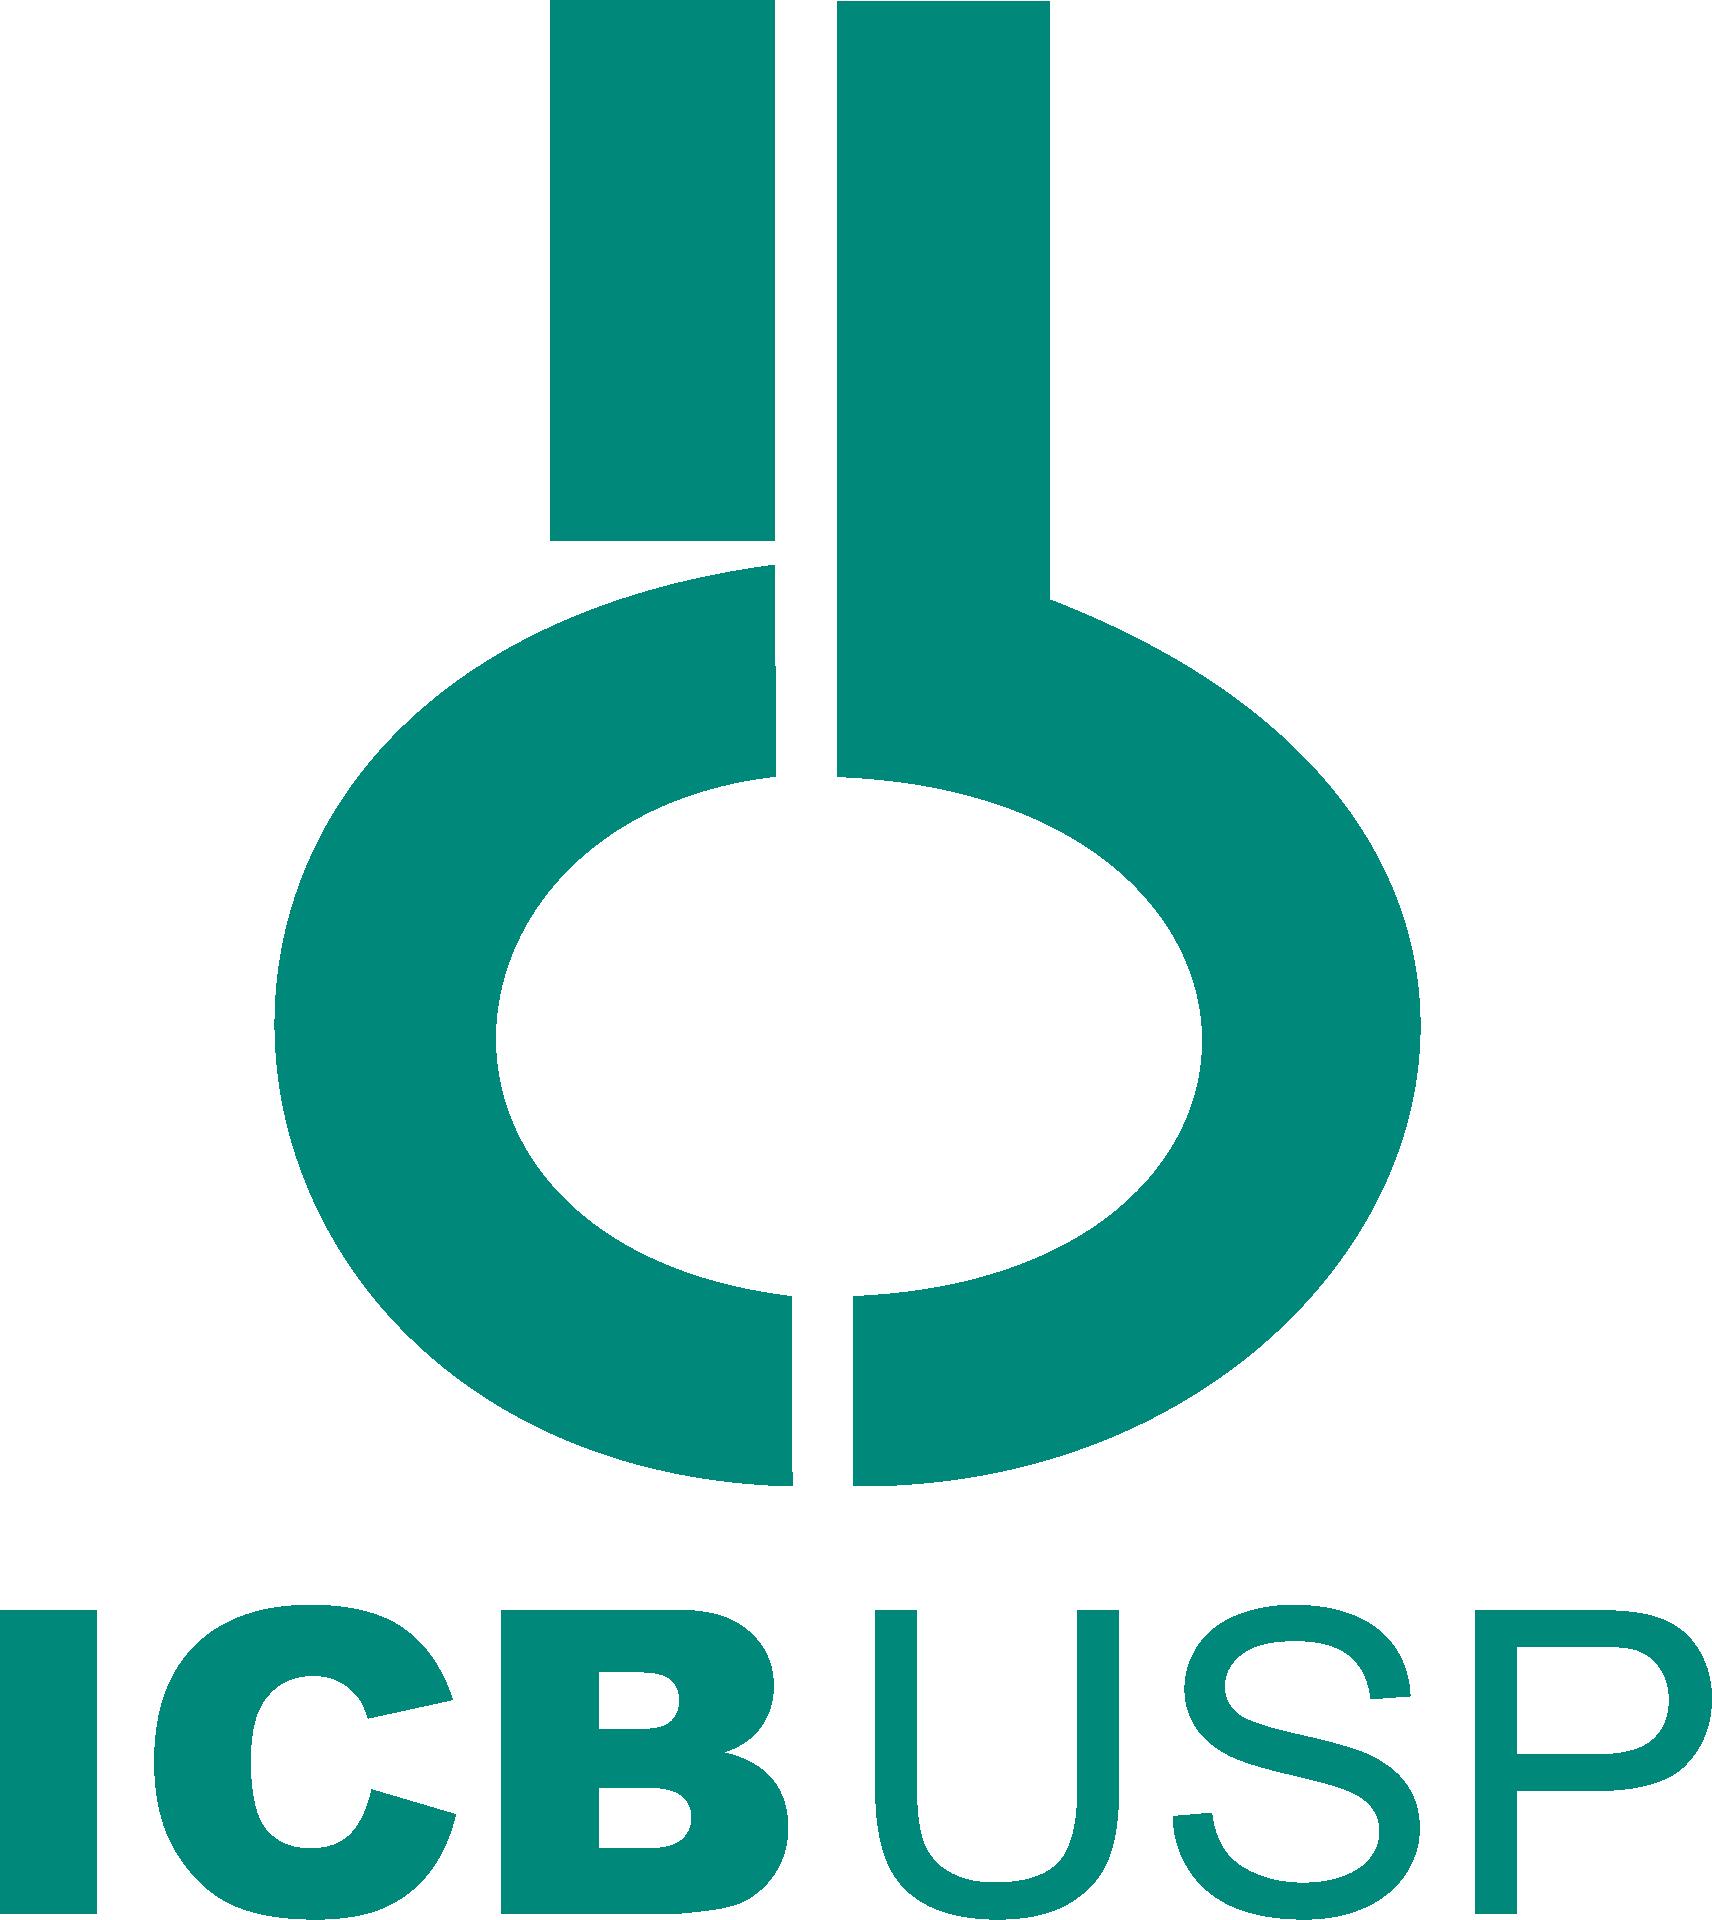 Instituto de Ciências Biológicas USP